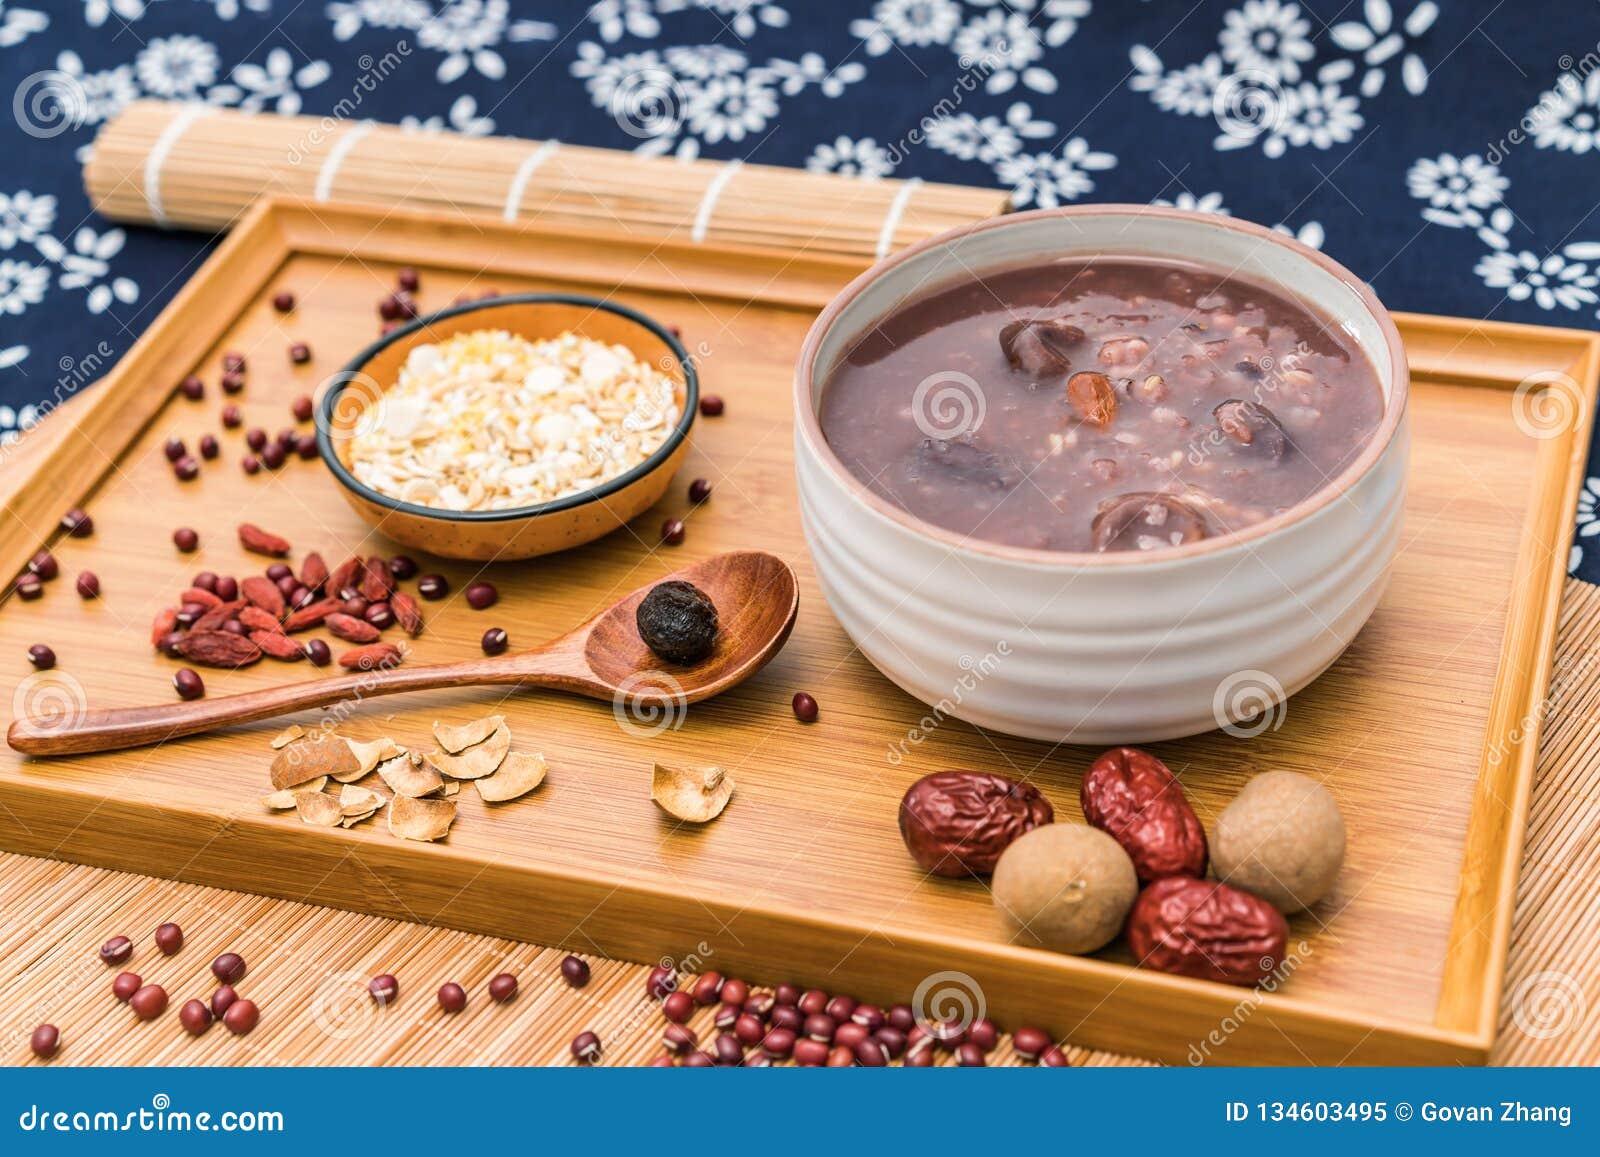 拉巴粥,Babao粥,在北ChinaLaba粥的一个食家盘在对联红色envelopeLaba porr下背景